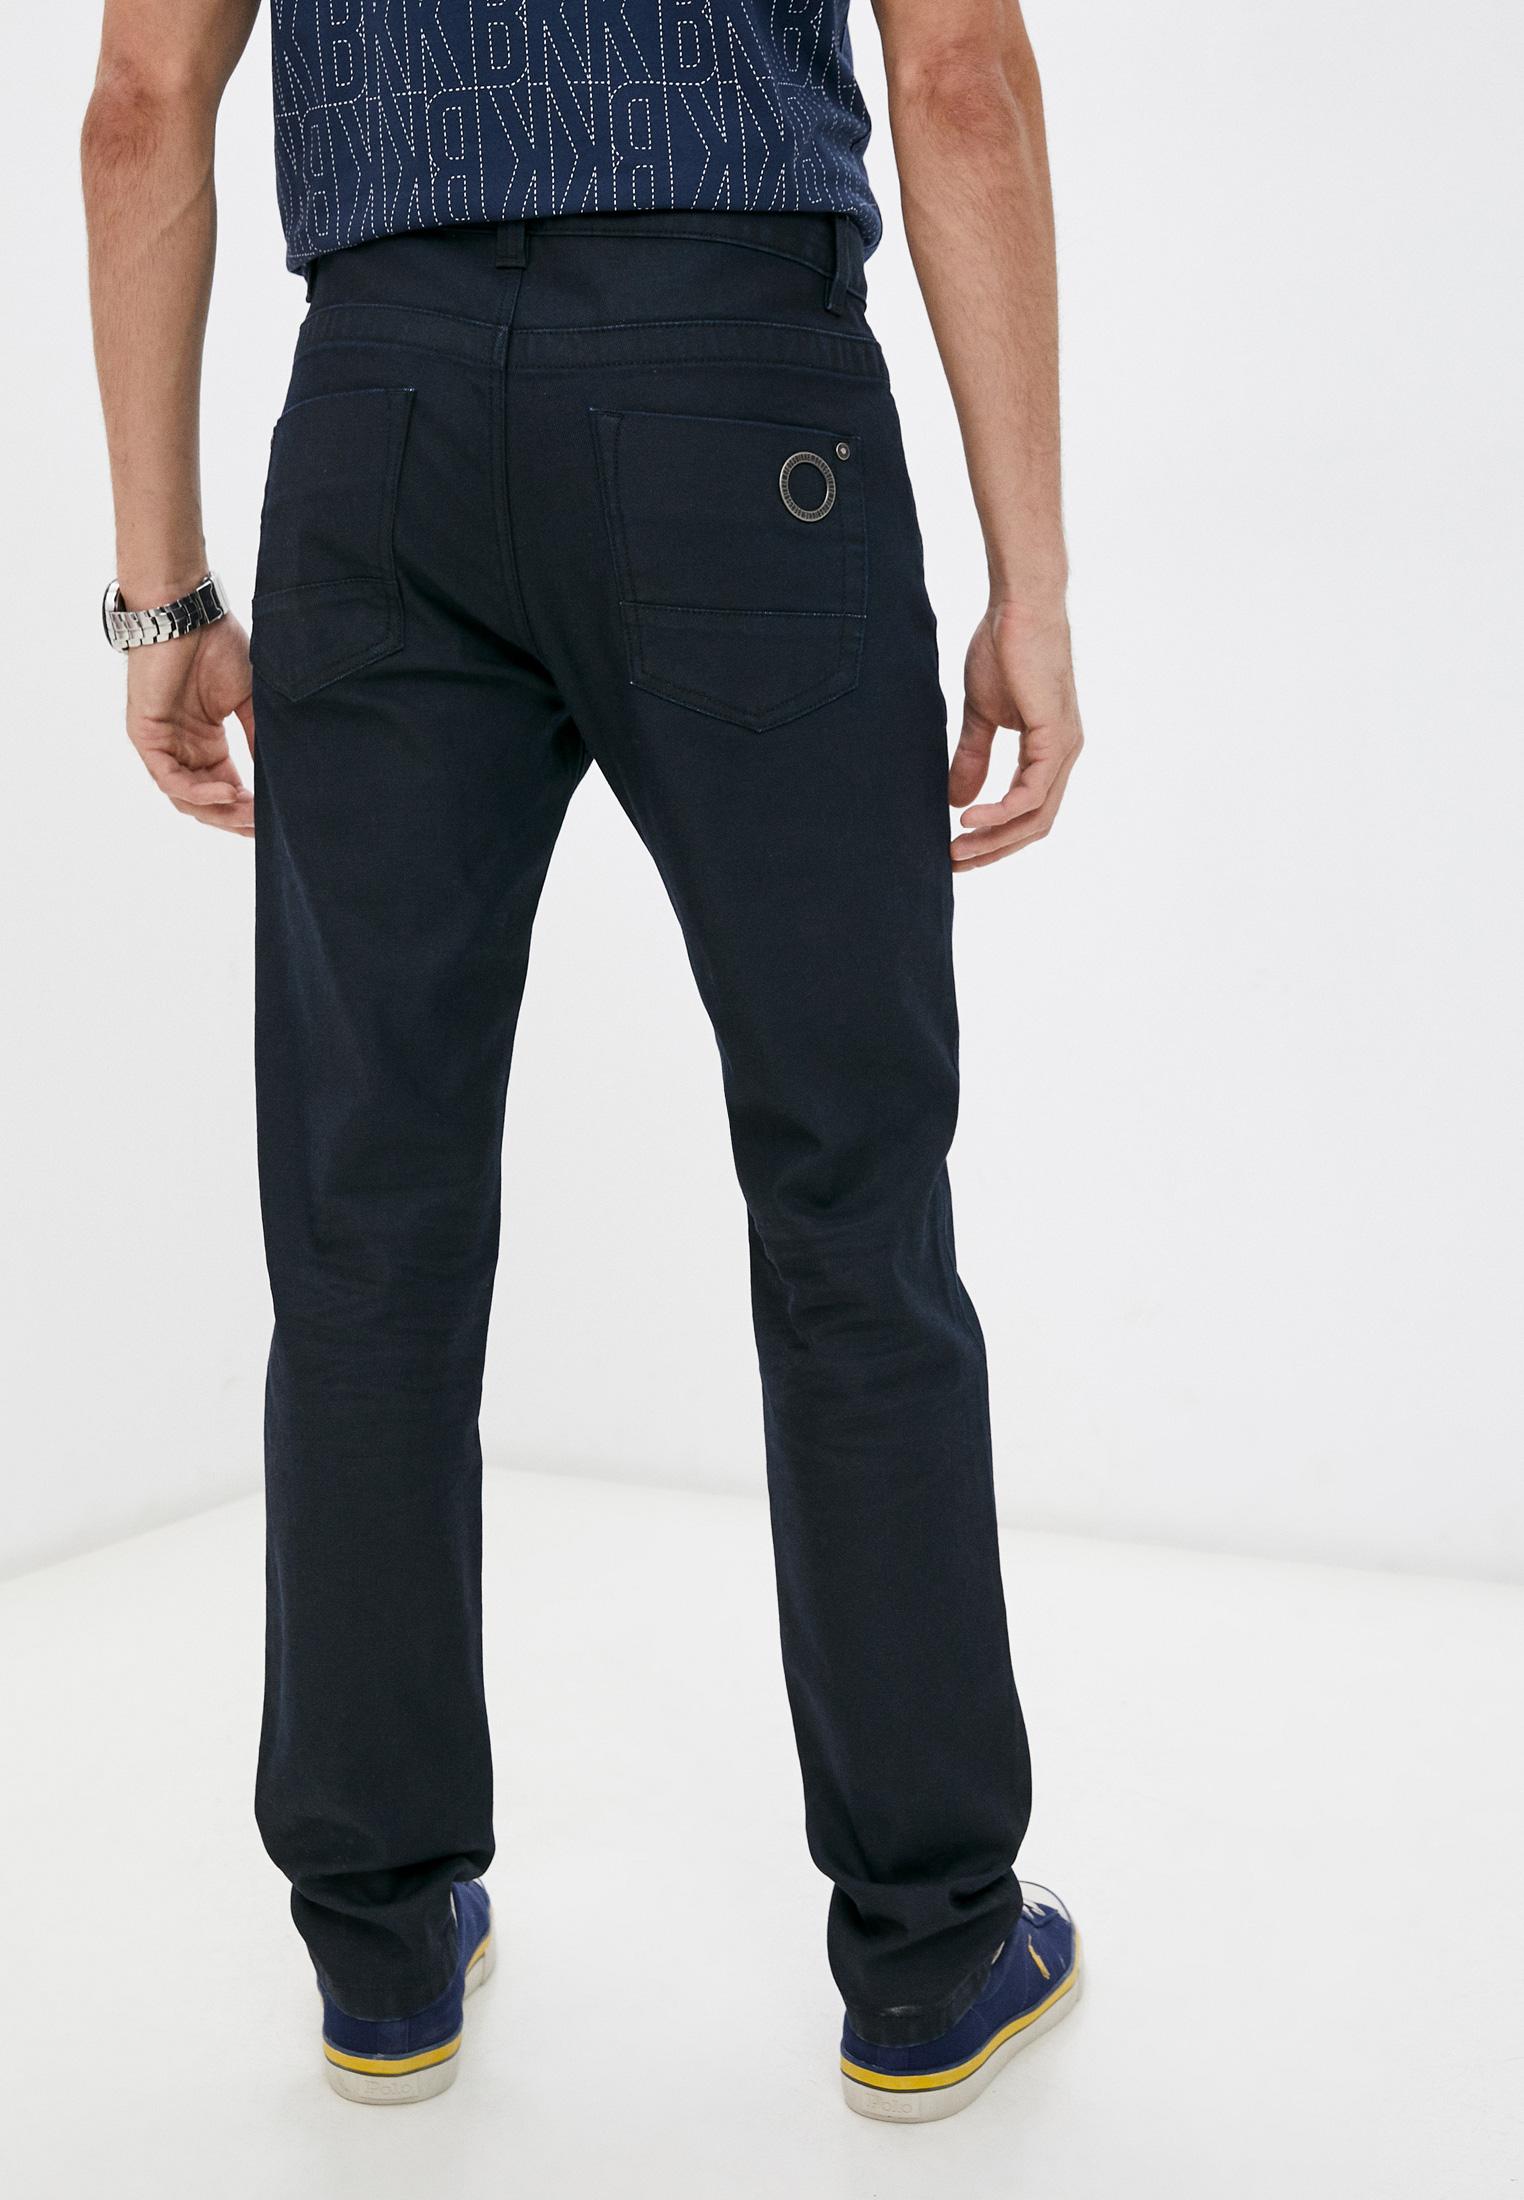 Мужские зауженные джинсы Bikkembergs (Биккембергс) C Q 101 18 S 3147: изображение 4